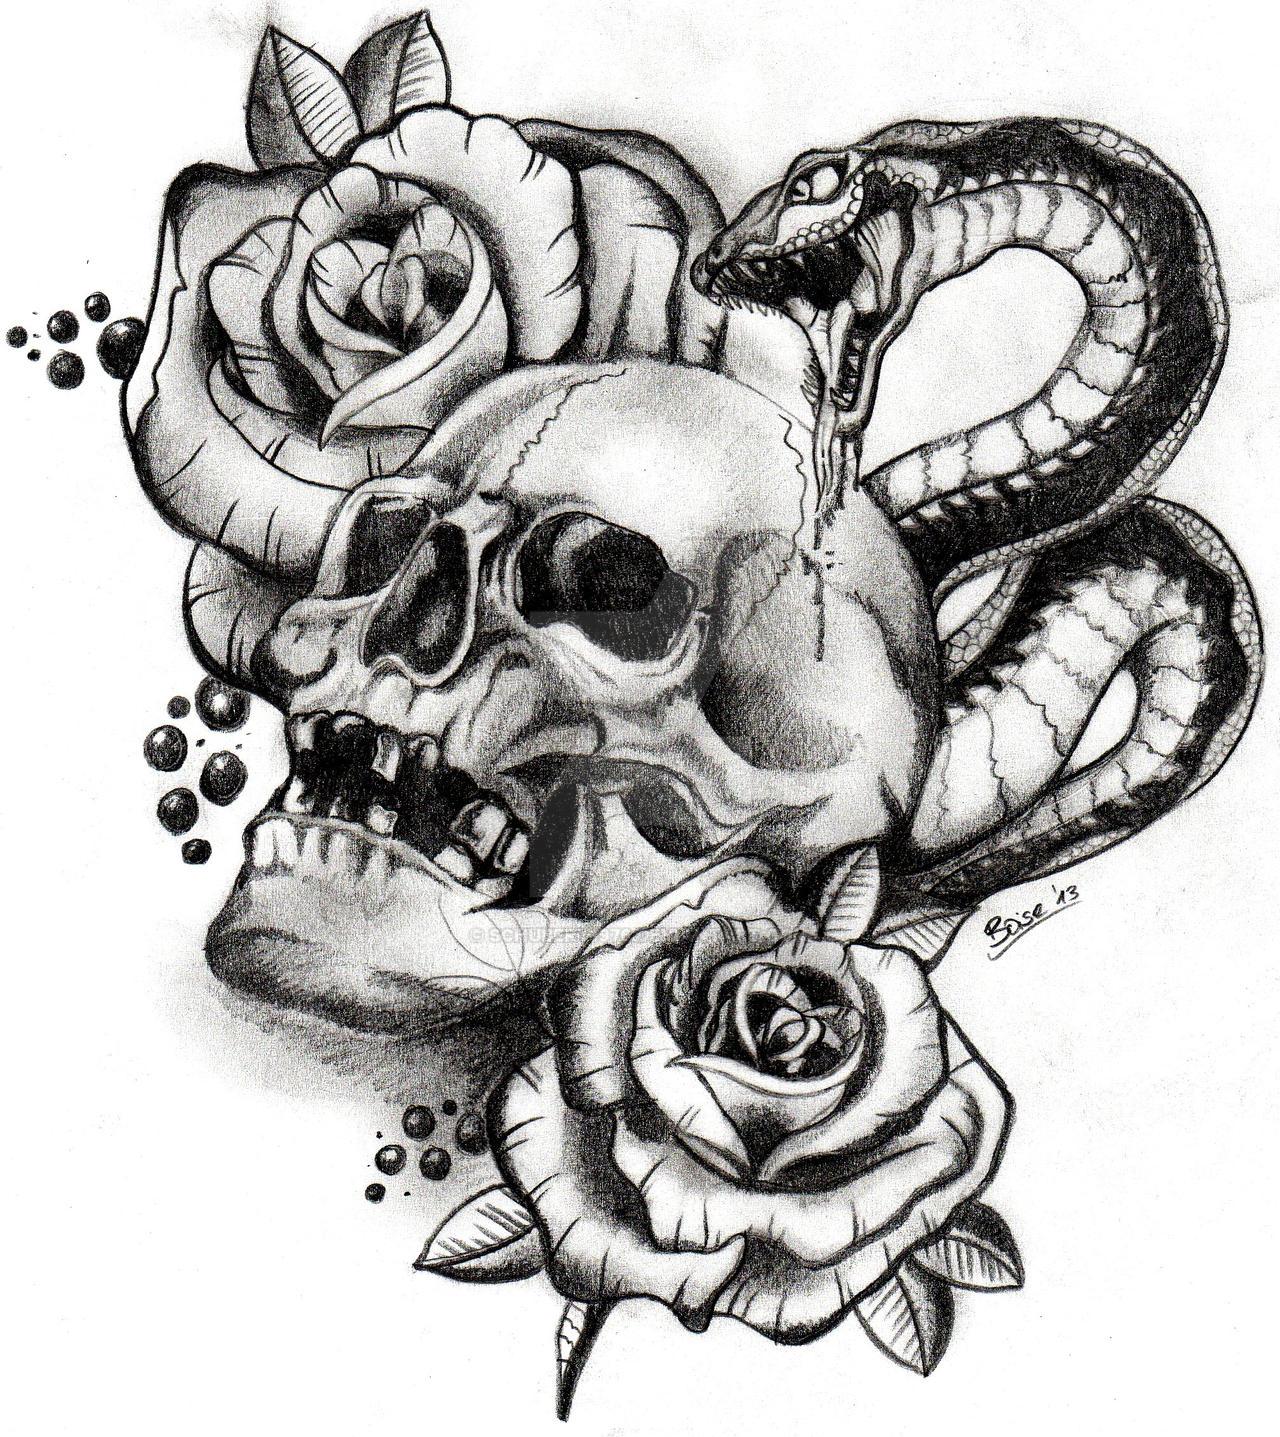 Skull And Snake By Boise by schubert1976 on DeviantArt Cobra Skeleton Tattoo